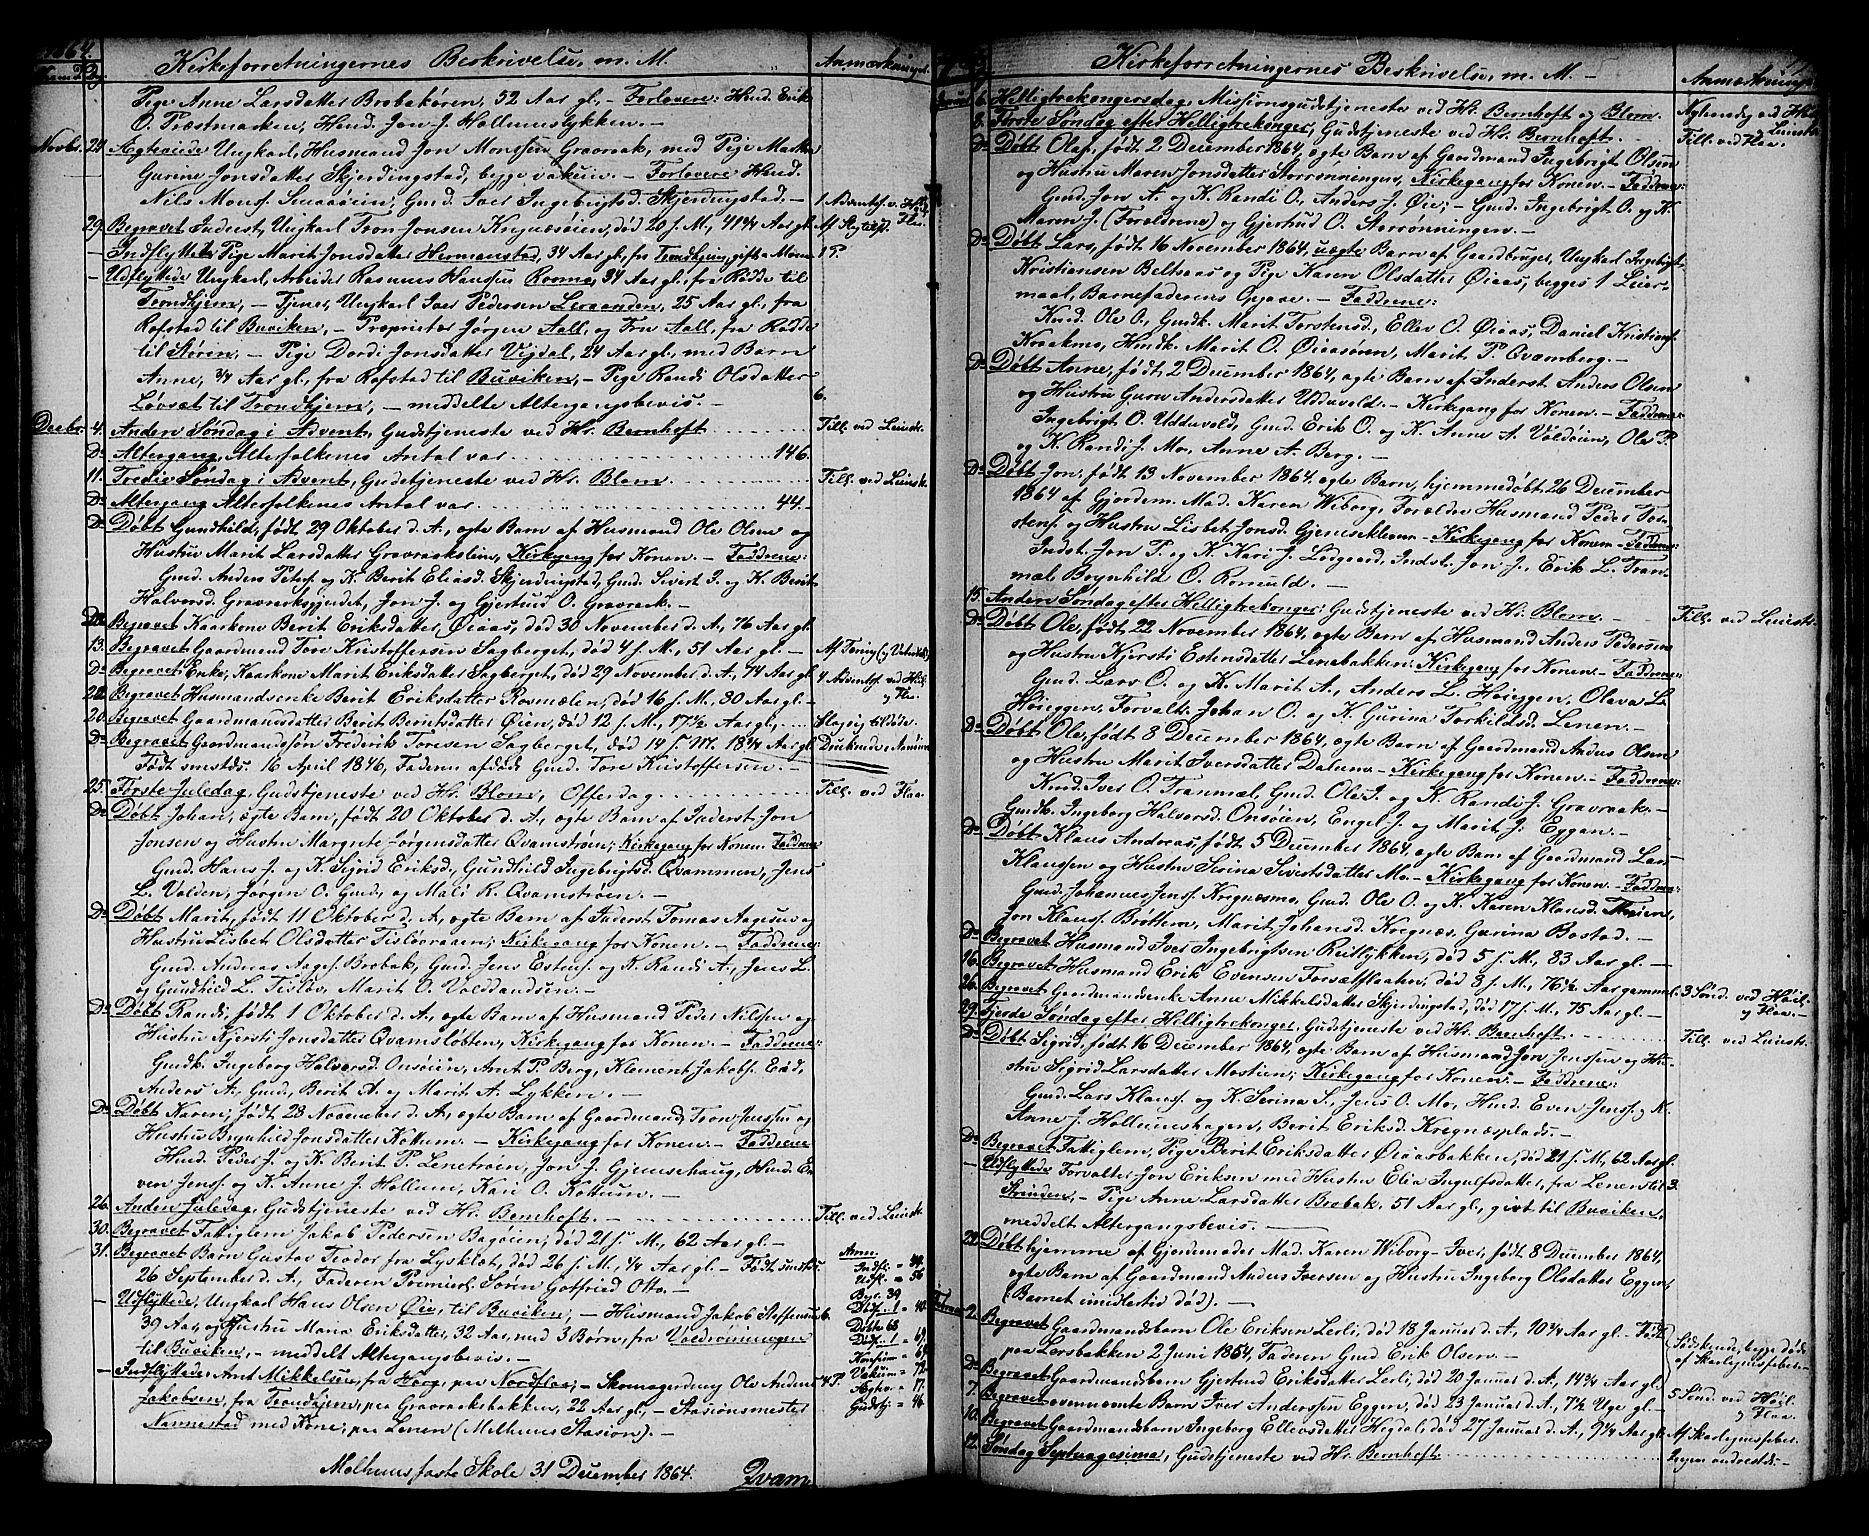 SAT, Ministerialprotokoller, klokkerbøker og fødselsregistre - Sør-Trøndelag, 691/L1093: Klokkerbok nr. 691C04, 1852-1879, s. 79